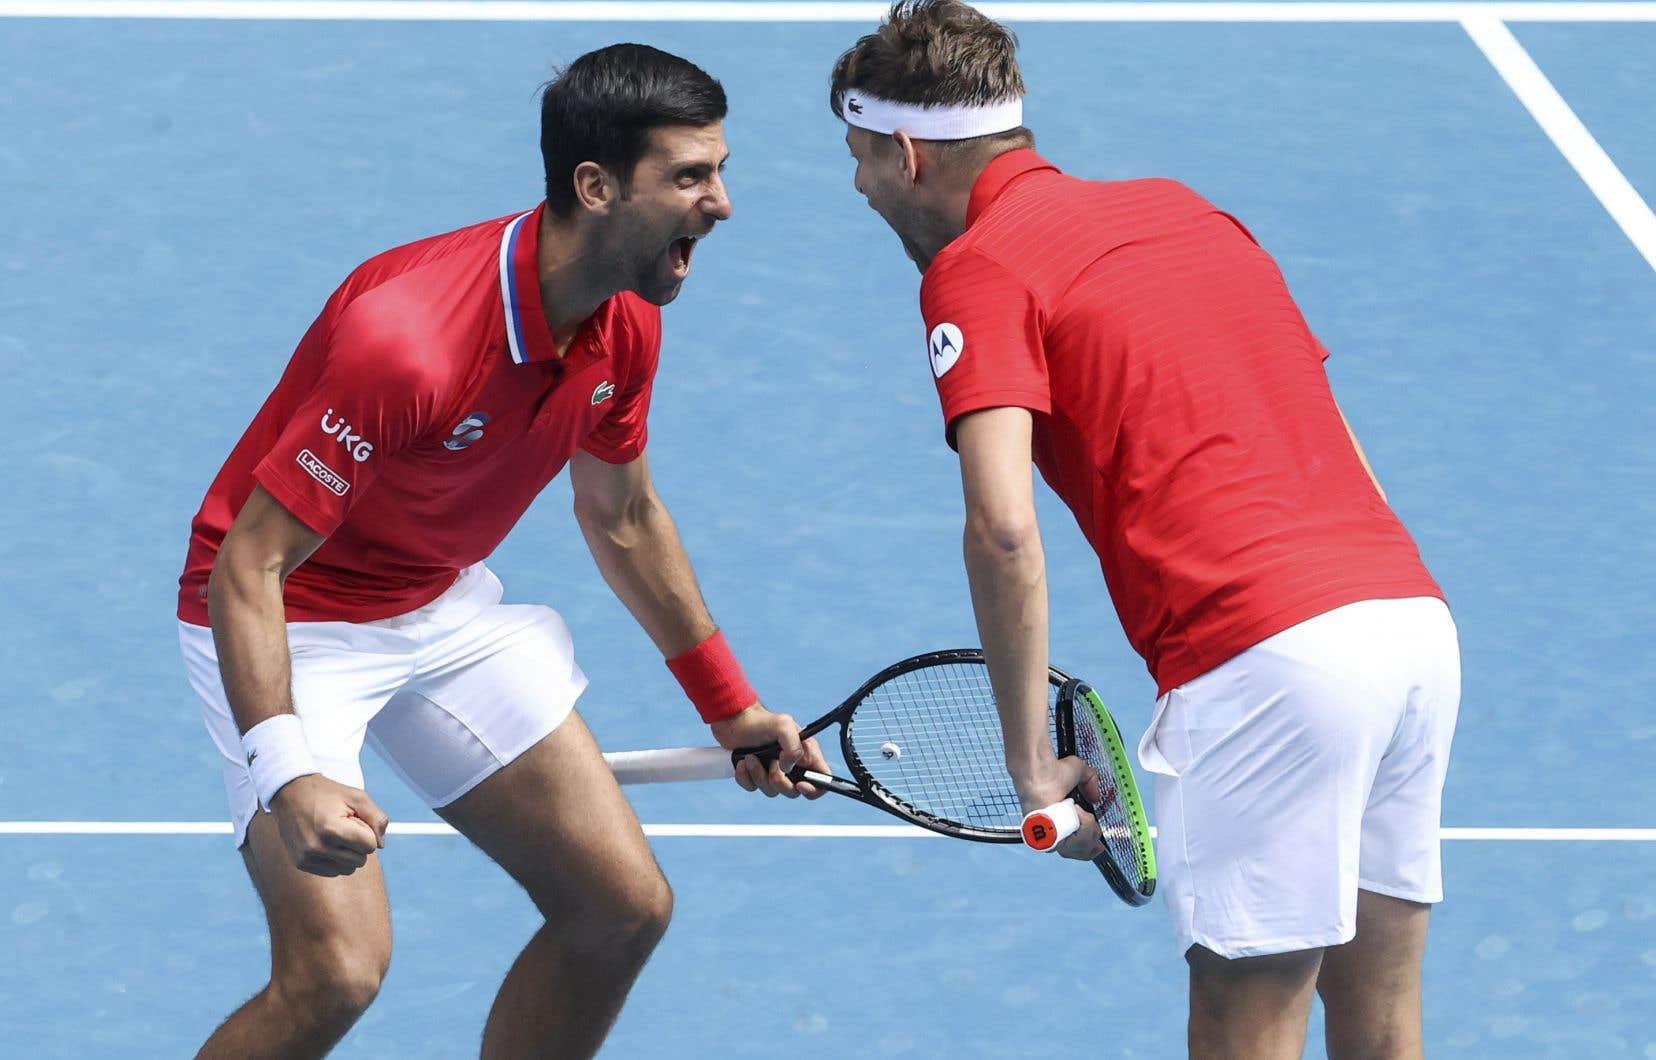 Novak Djokovic et Filip Krajinovic célèbrent leur victoire contre l'équipe canadienne, le 2 février à Melbourne.